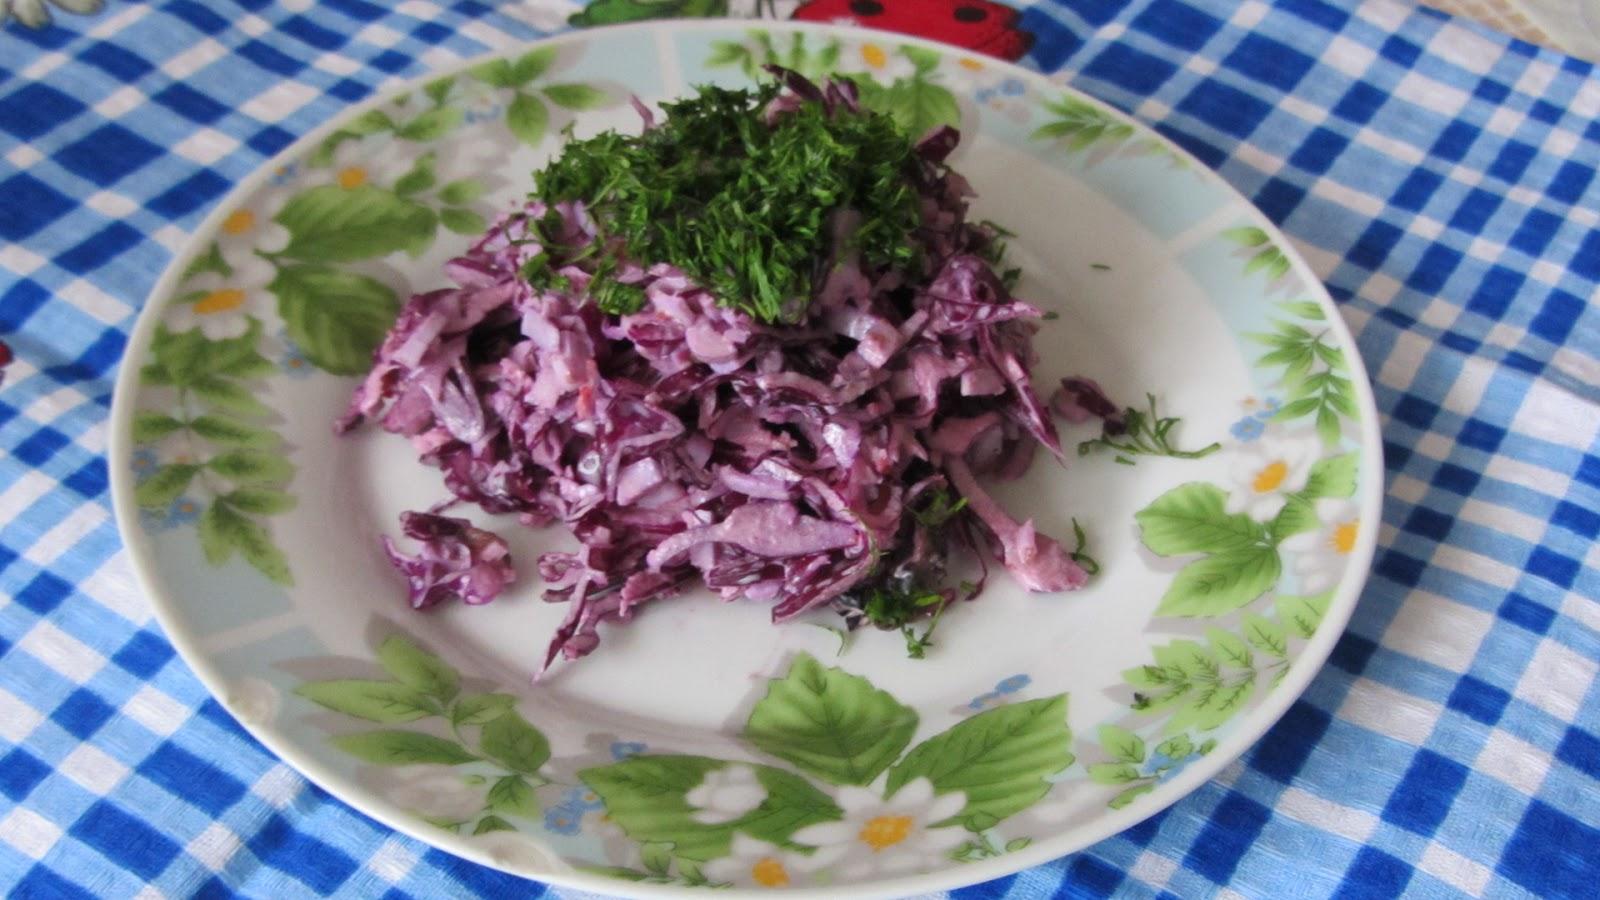 Сборник рецептур блюд и кулинарных изделий для питания школьников 2007 год